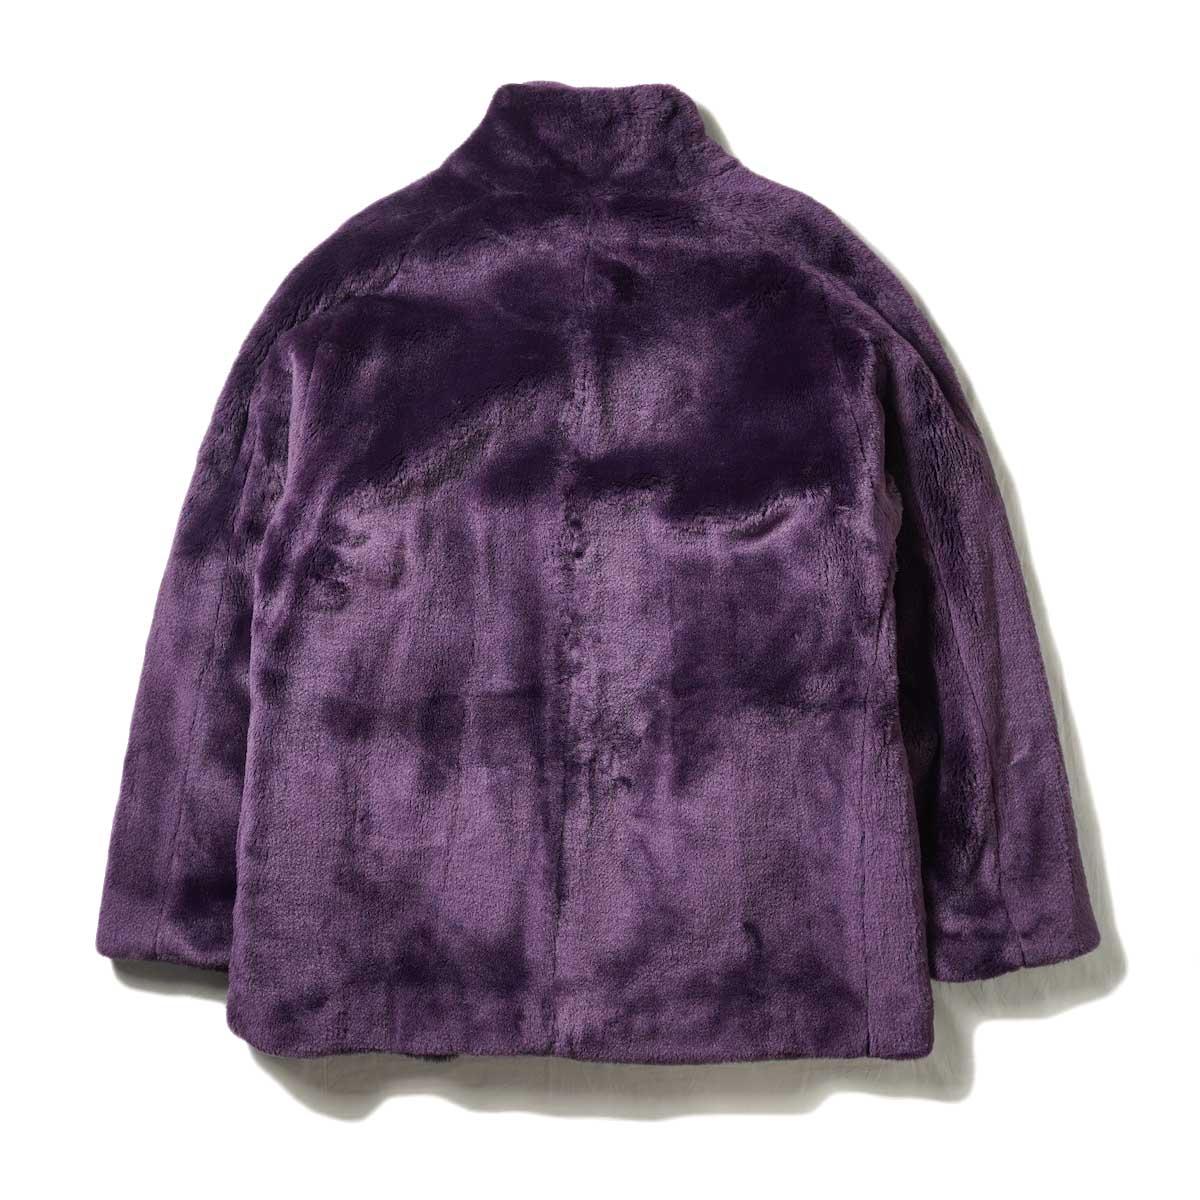 Needles / S.C. Car Coat - Faux Fur (Purple) 背面